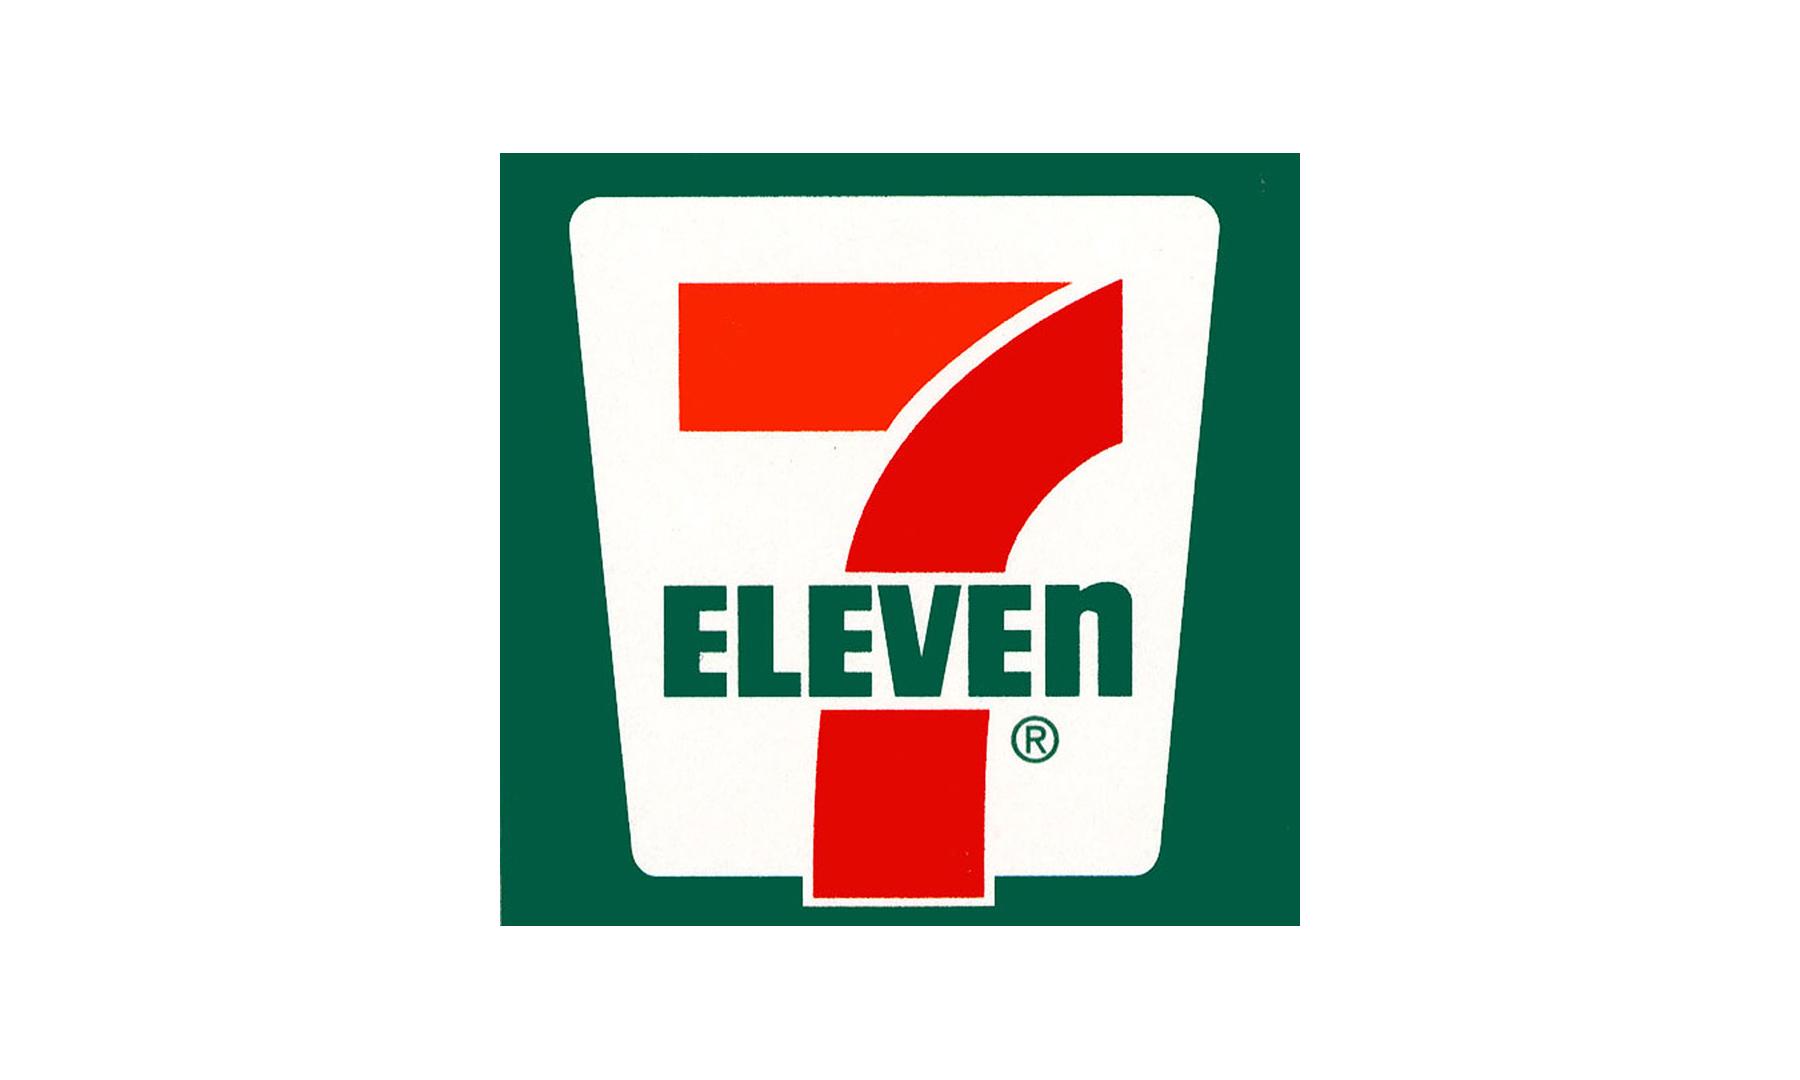 7-Eleven platforms